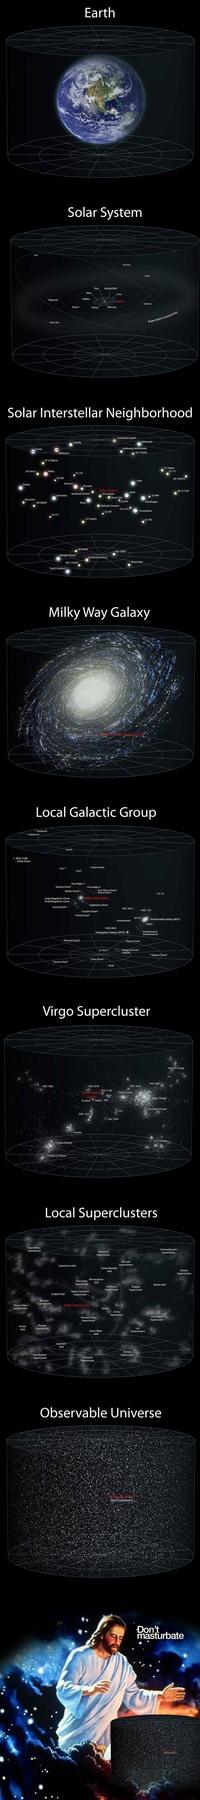 L'immensité de l'univers